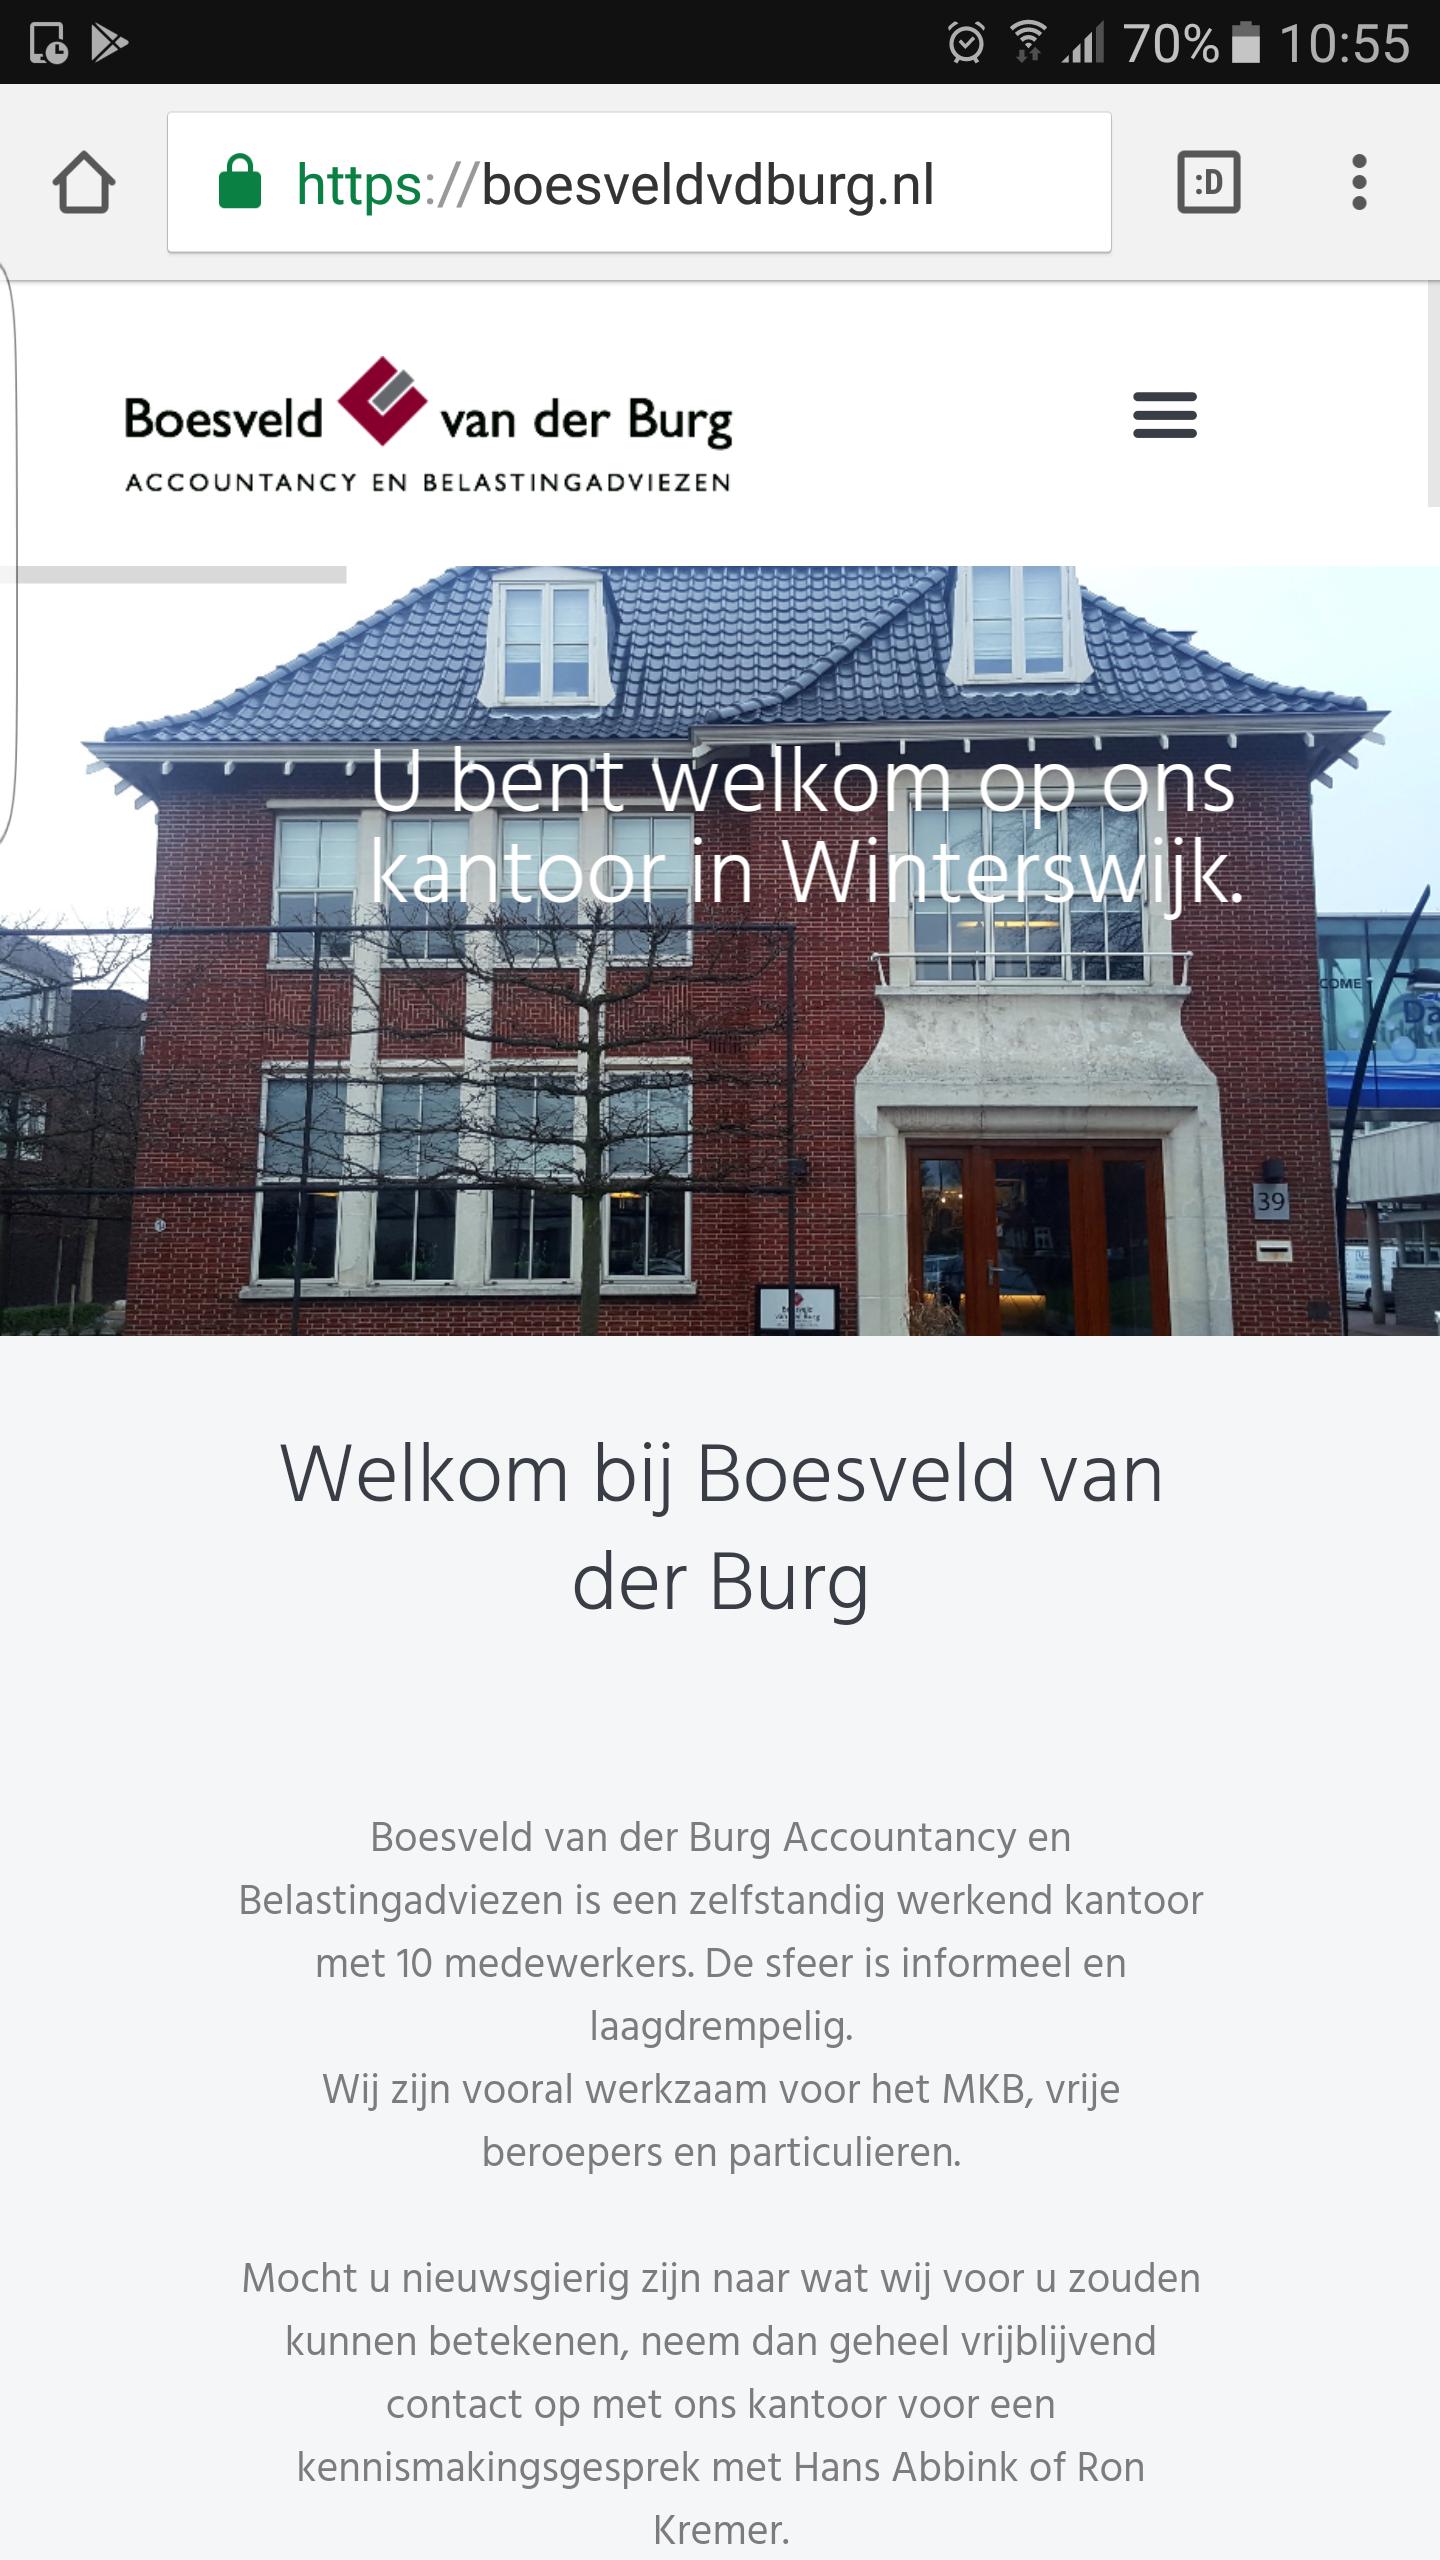 Boesveld van de Burg website